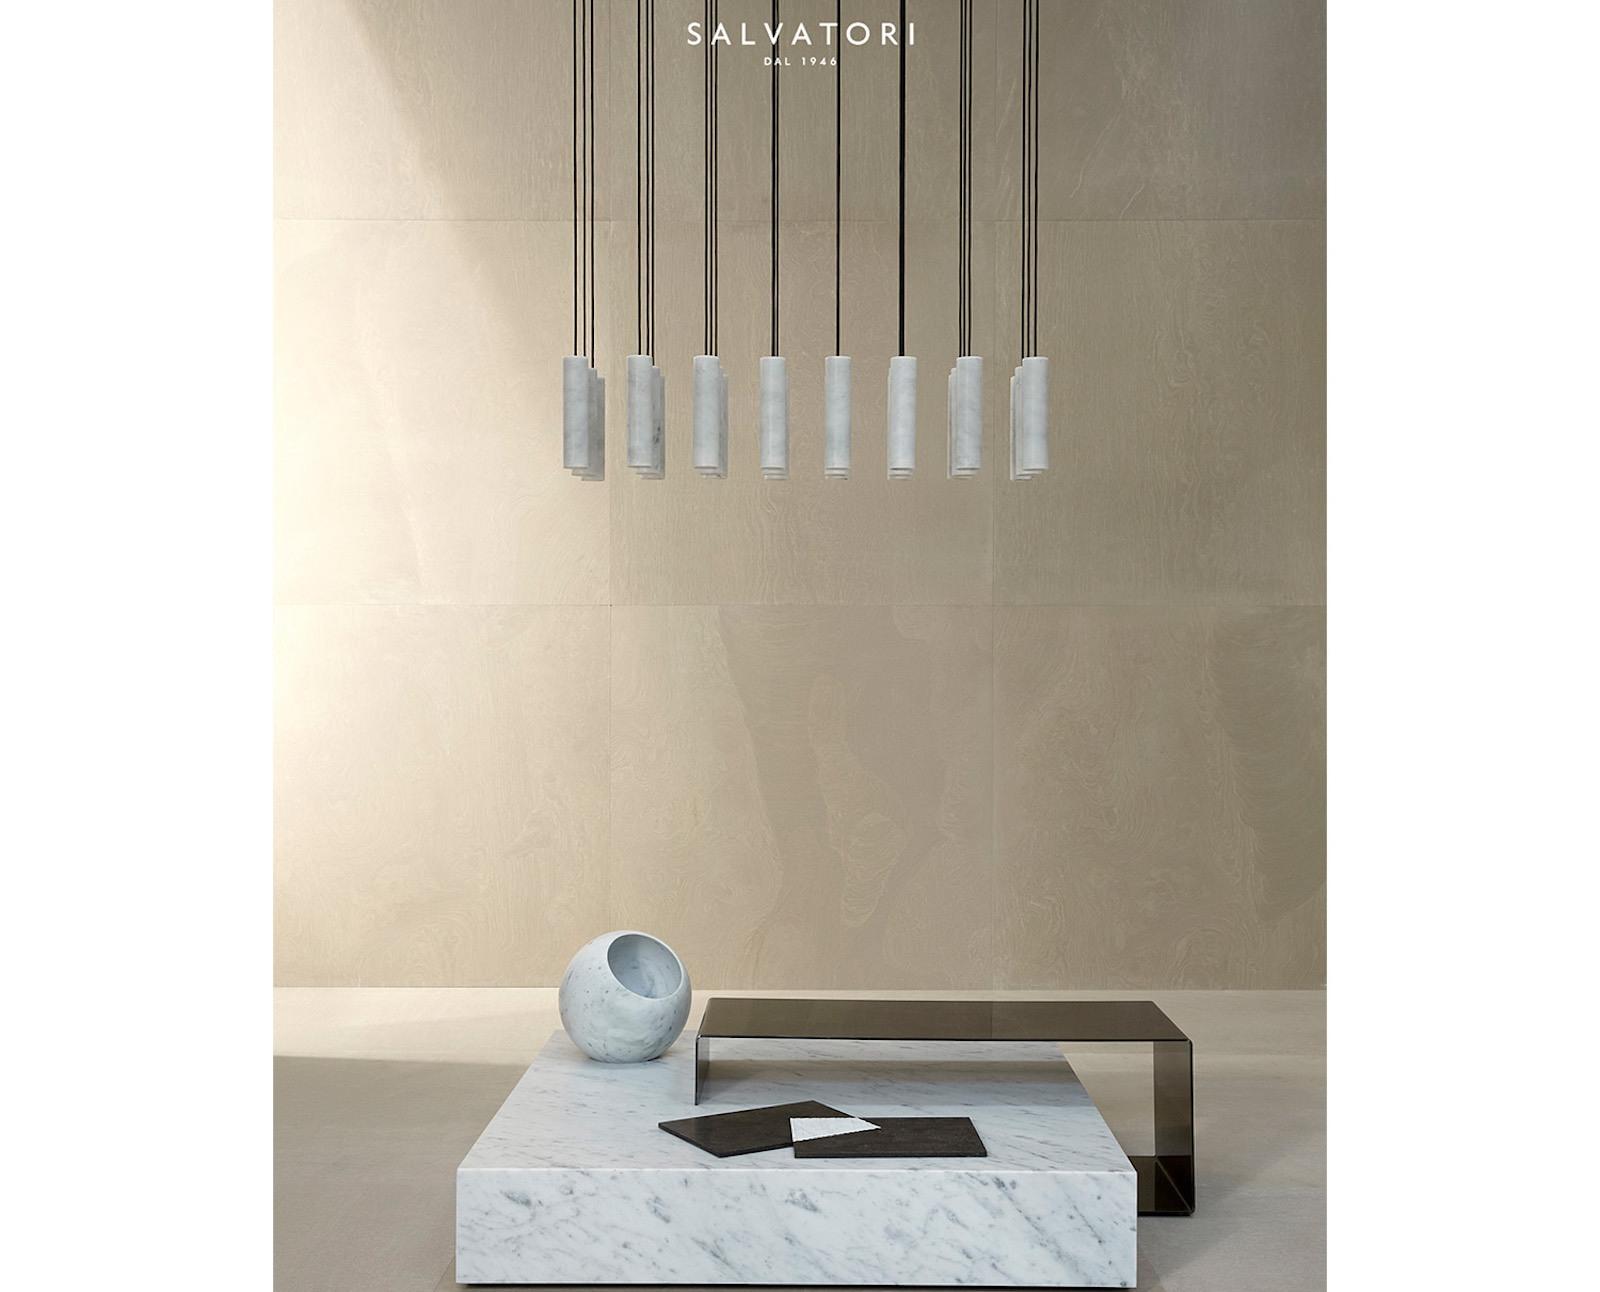 IGNANT-Design-Gabriele-Salvatori-Collaborations-06